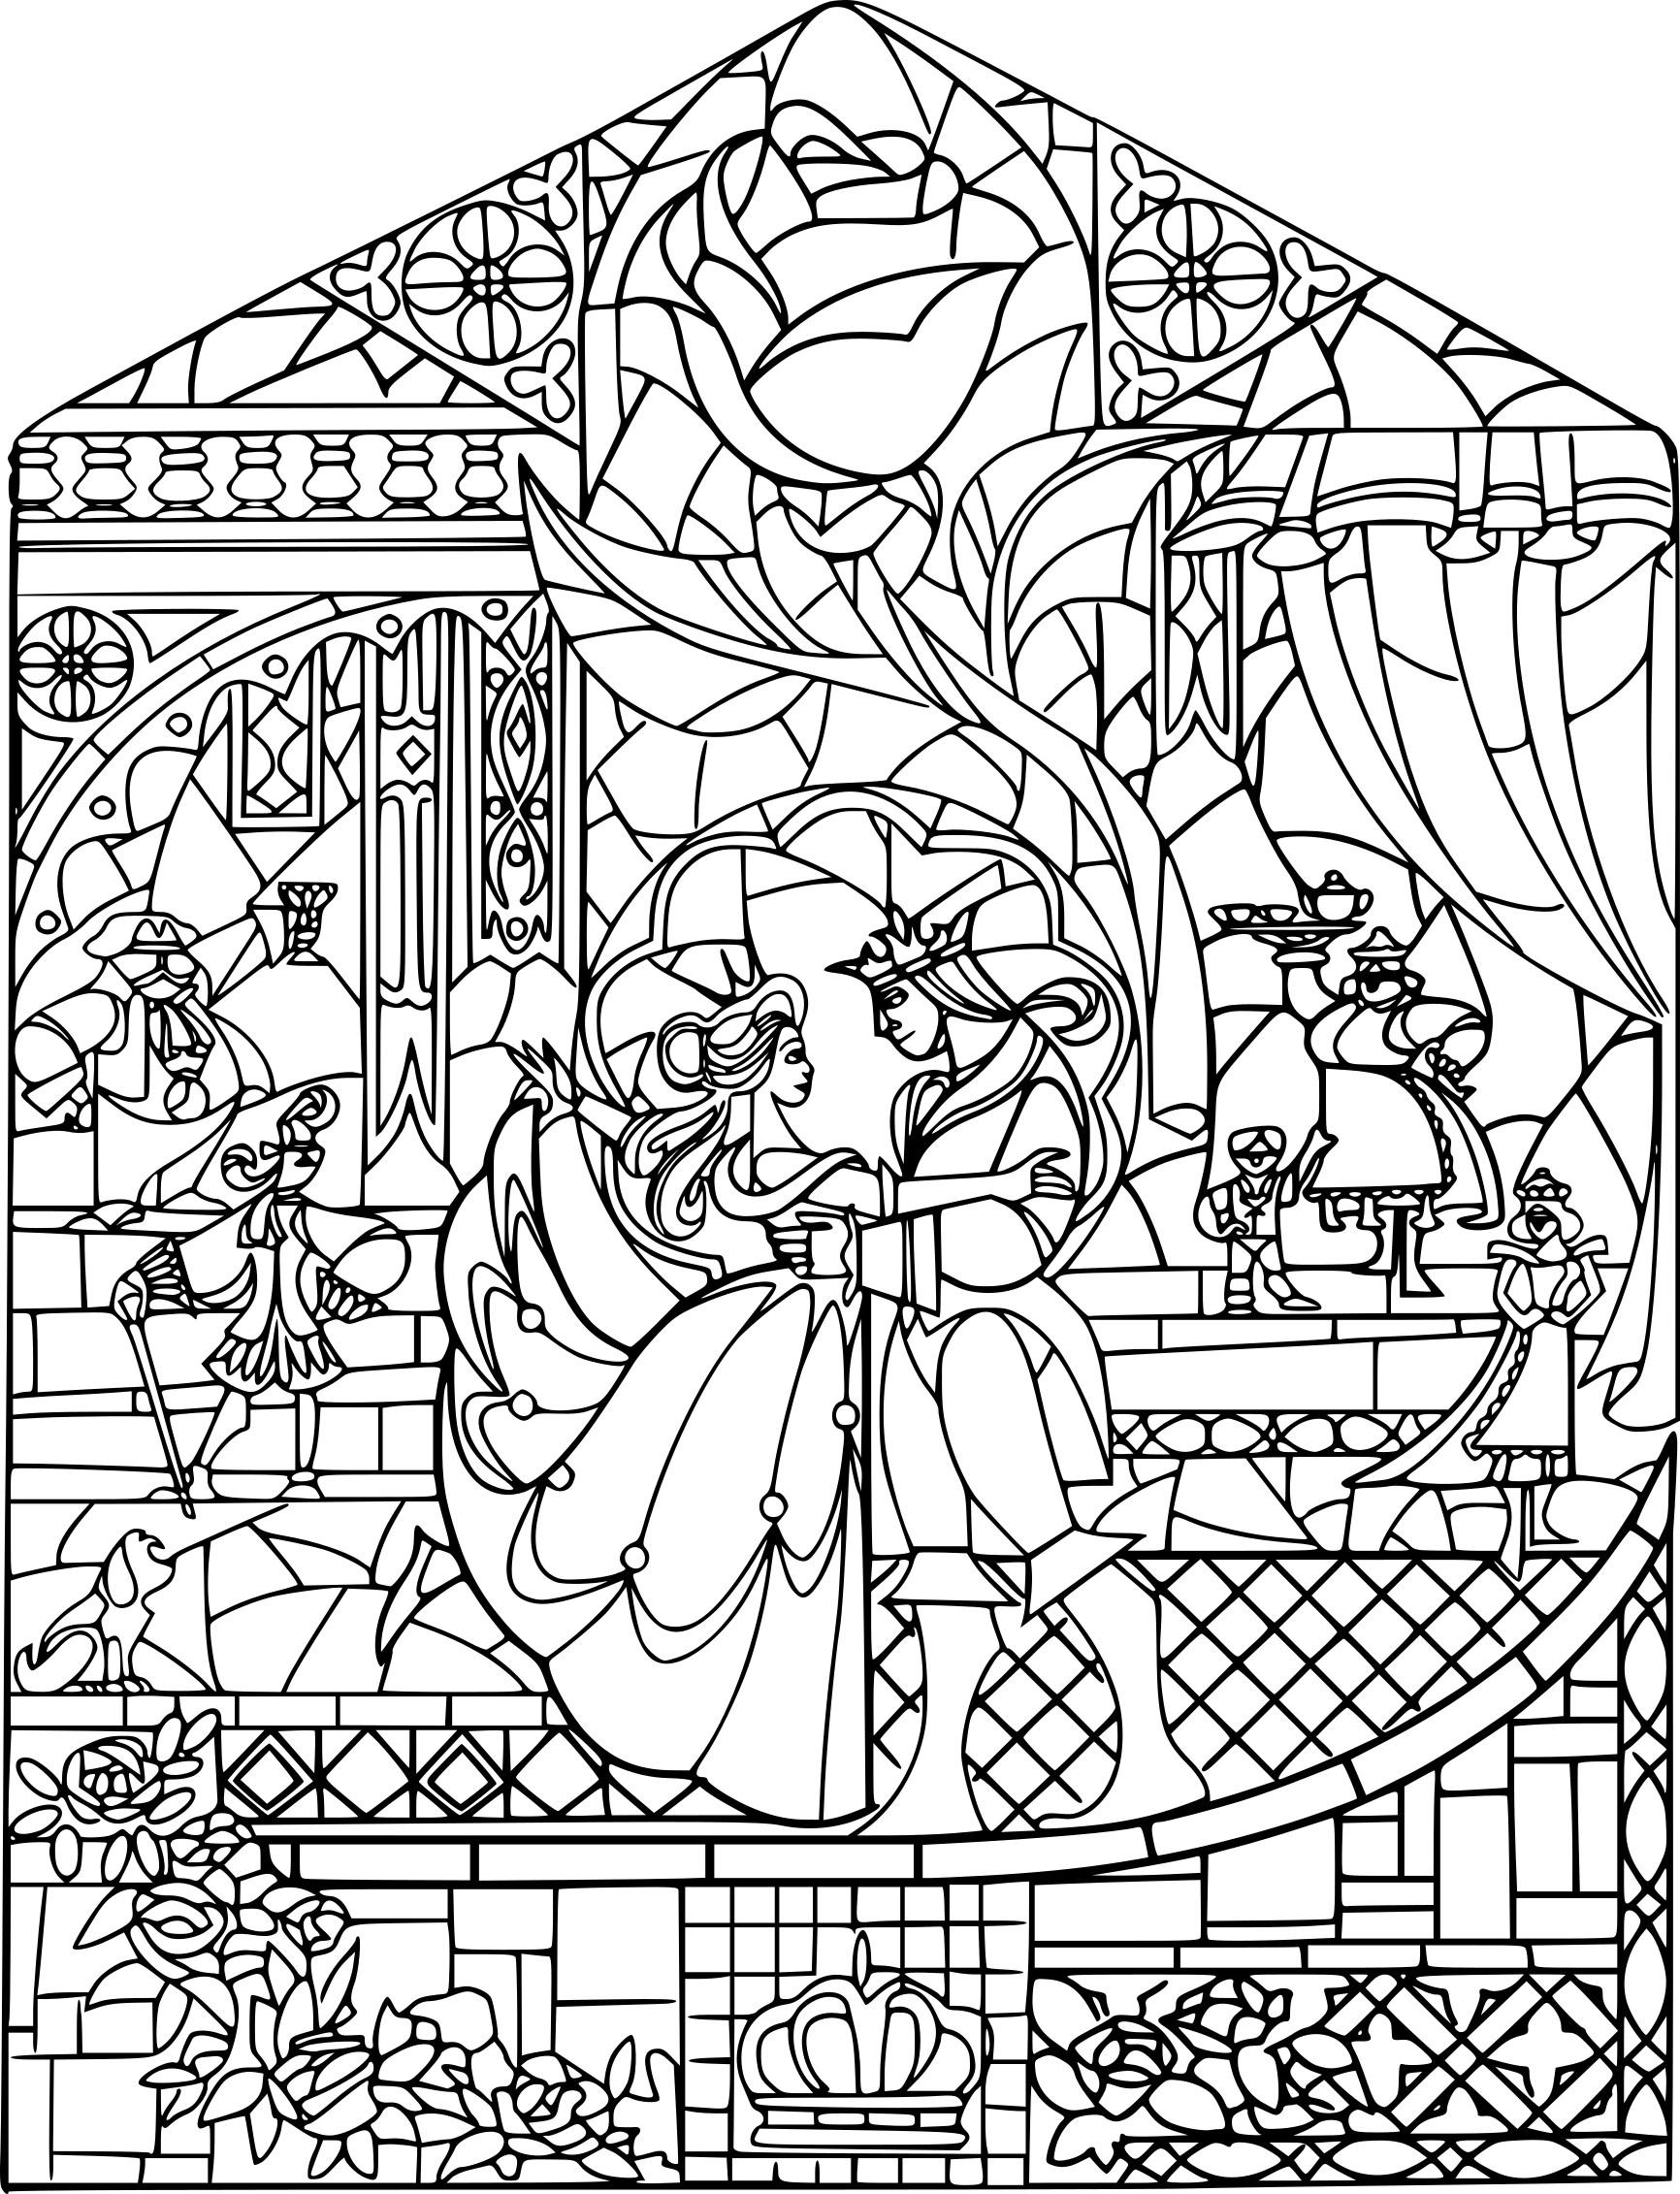 Coloriage Disney Adulte À Imprimer Sur Coloriages pour Coloriage Disney